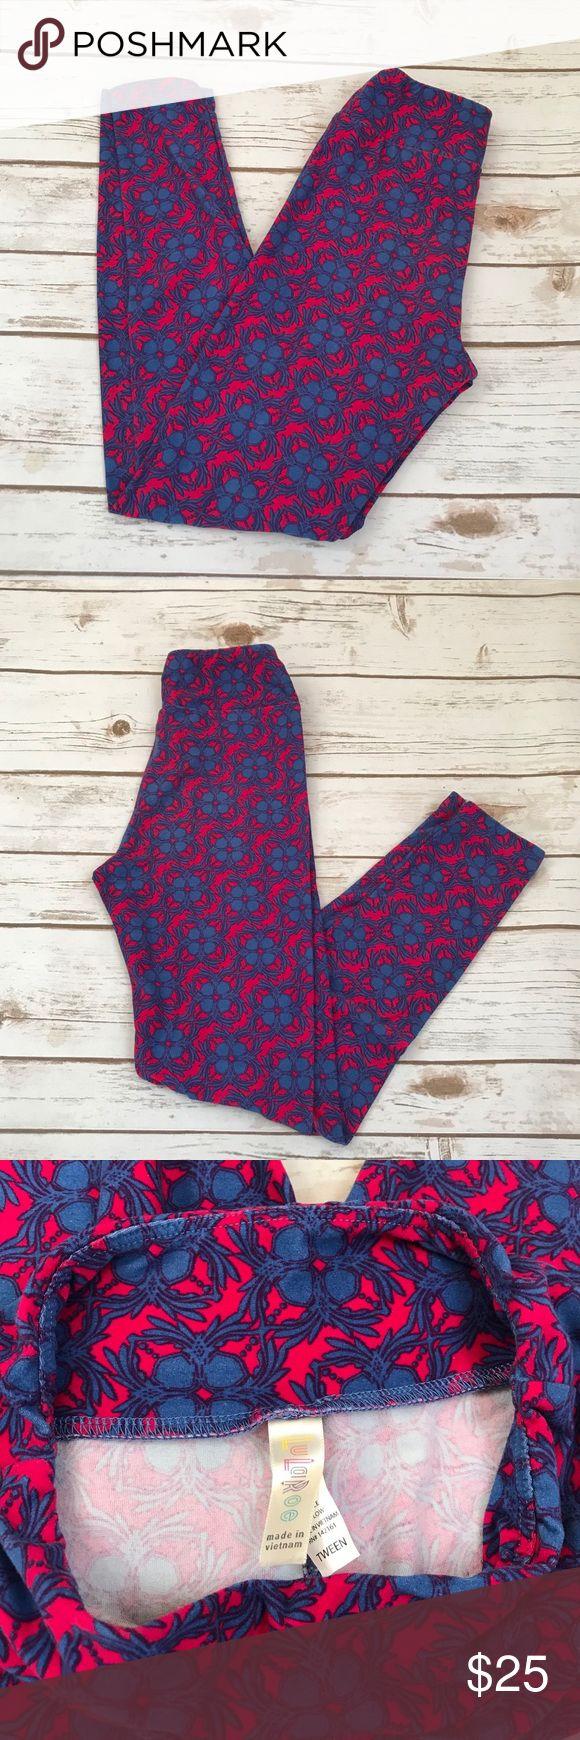 LuLaroe Tween Leggings Pattern leggings size tween Kids 8-14 Adult 0-00 LuLaRoe Pants Leggings